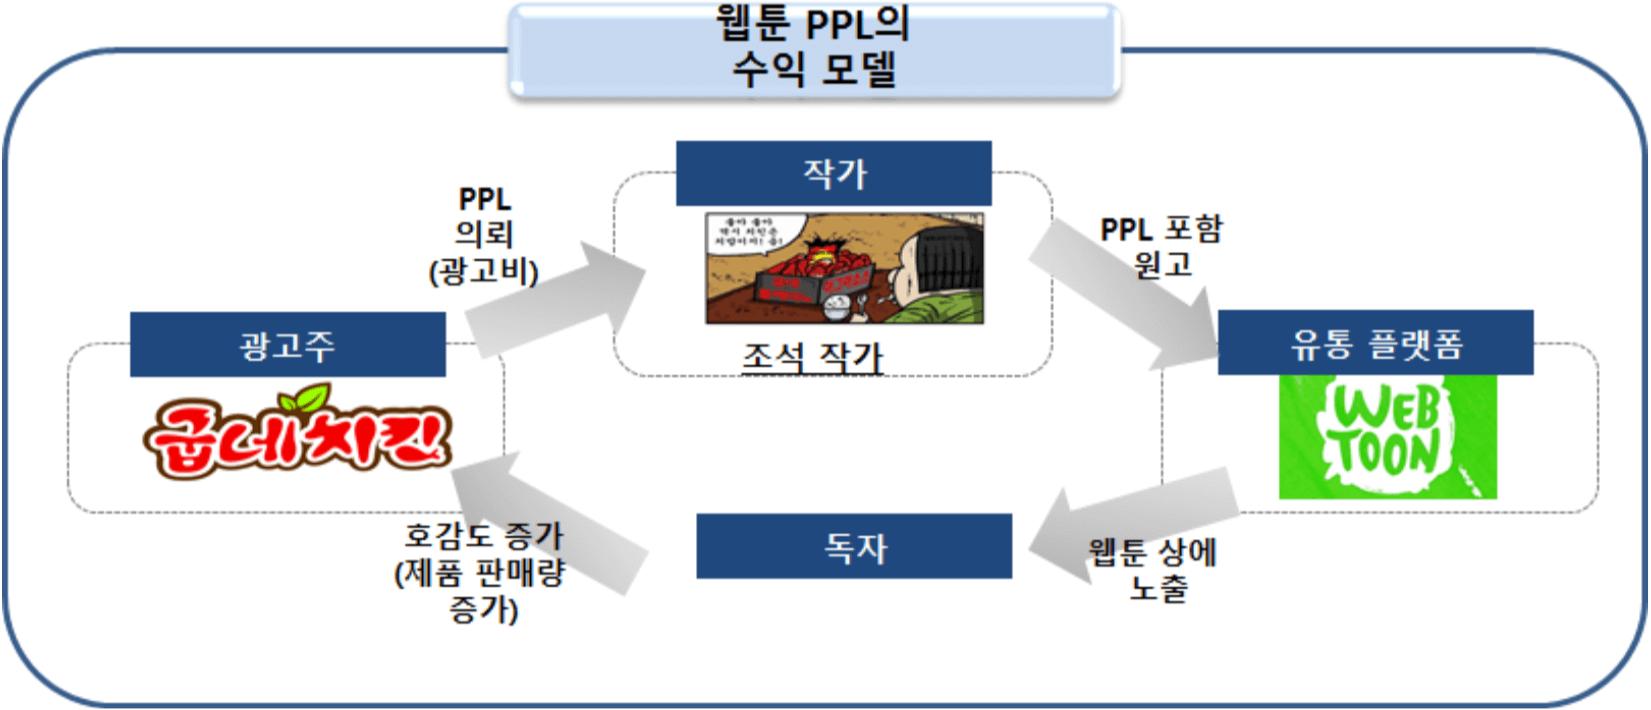 웹툰 광고 수익모델 - PPL